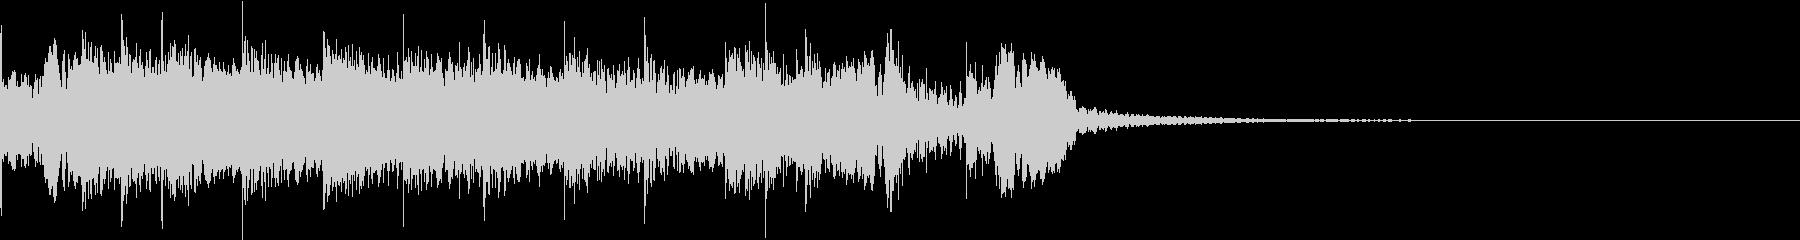 CM 尺八と和太鼓の短め繋ぎジングルの未再生の波形